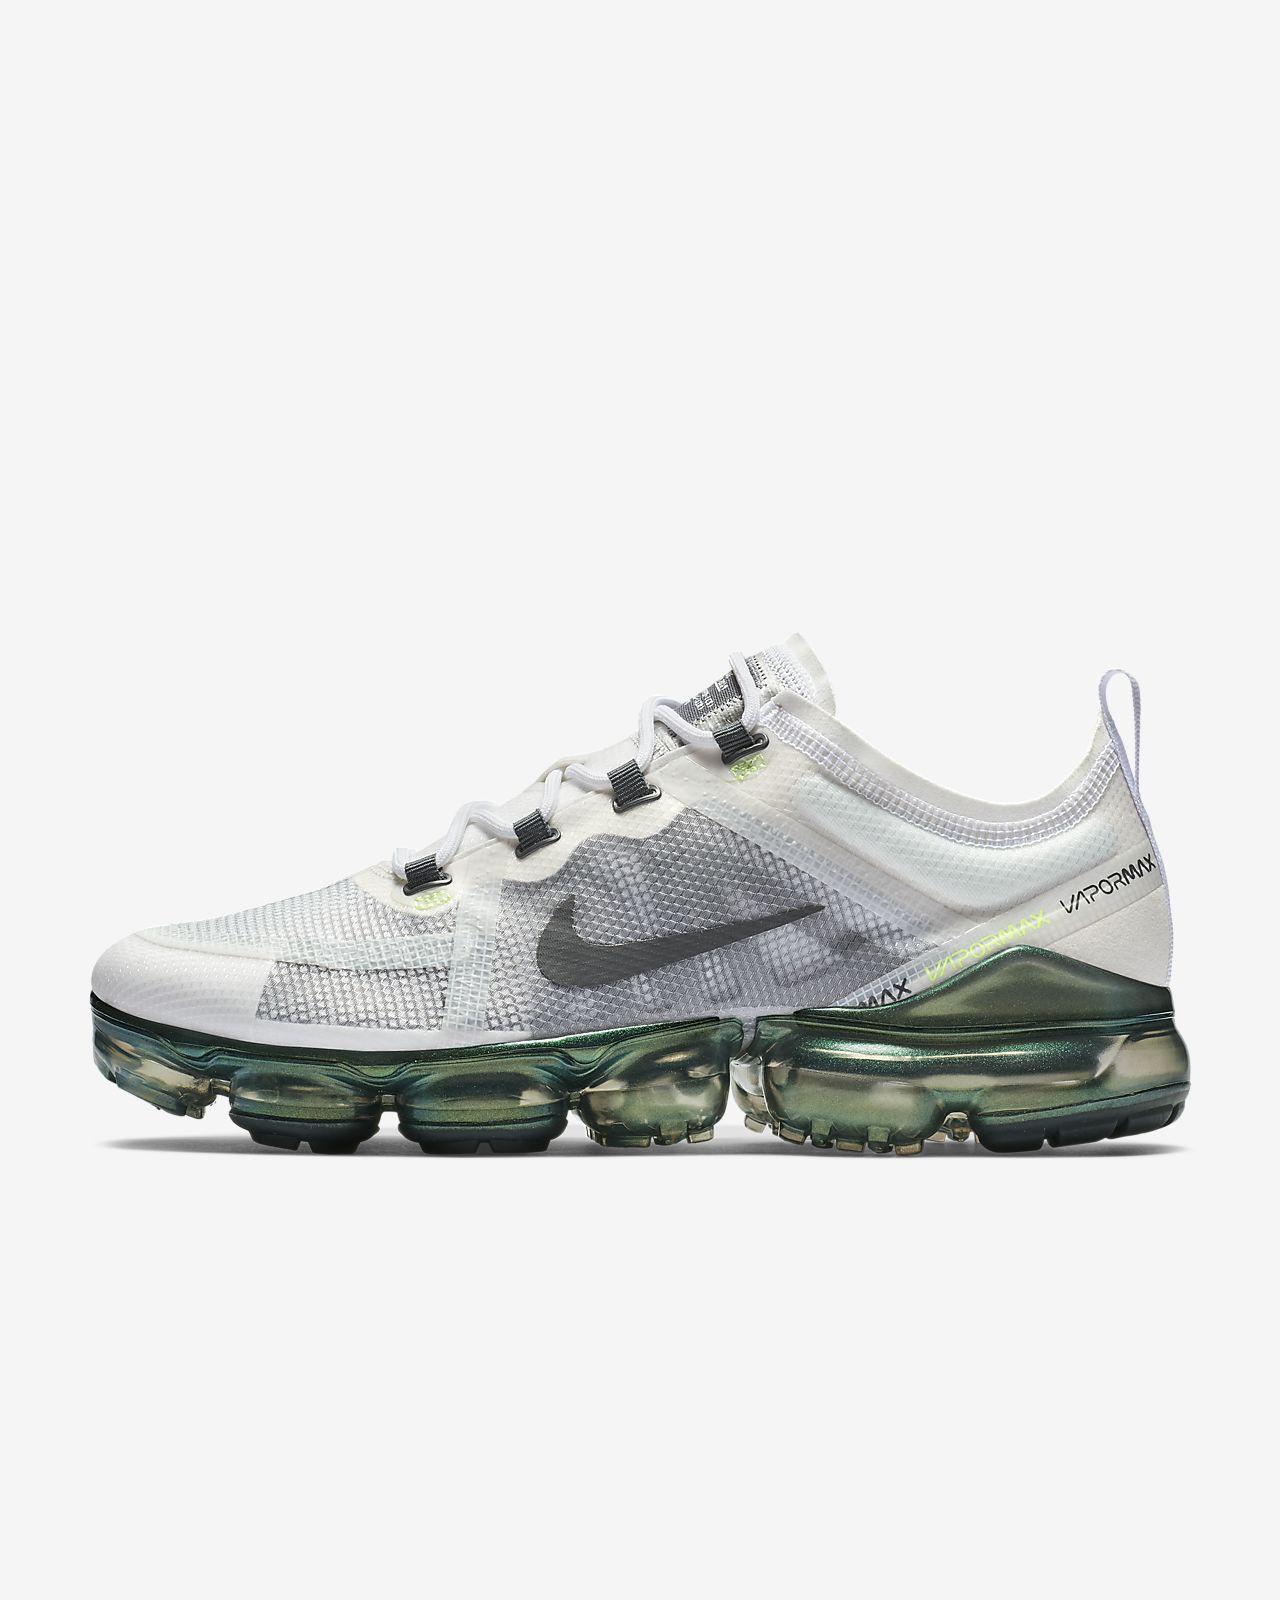 Nike Air VaporMax 2019 Premium 鞋款